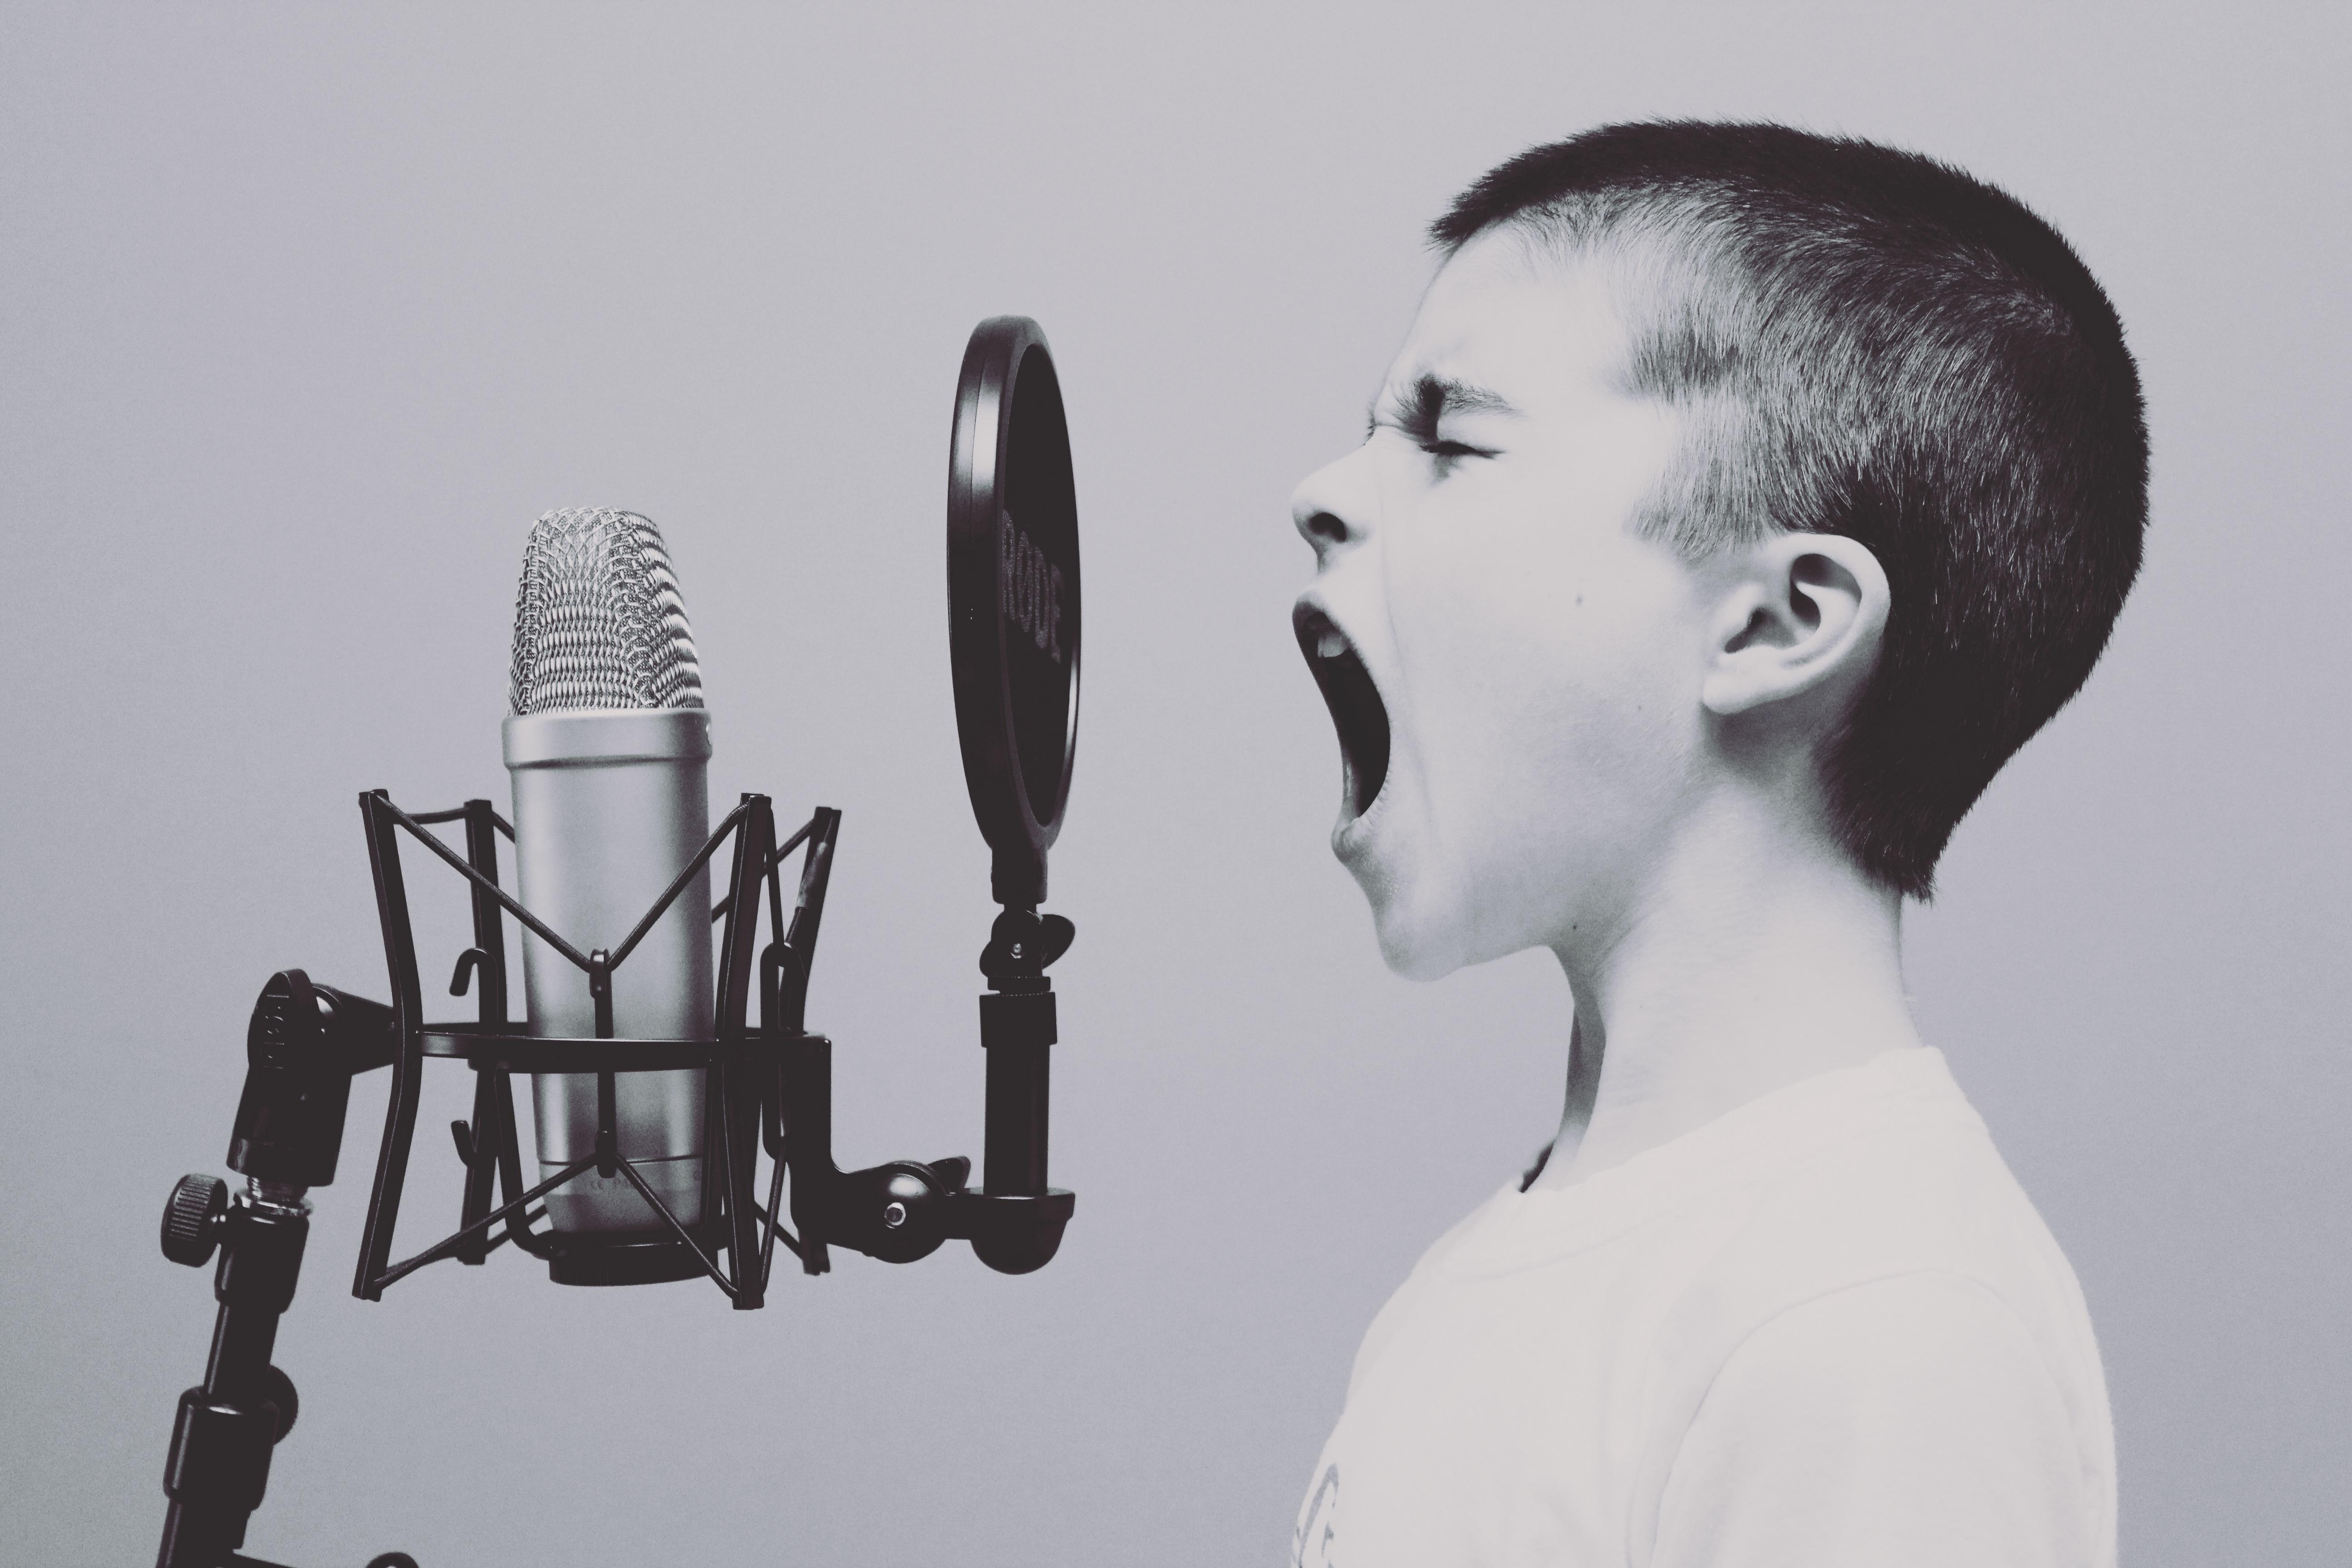 人の声の音域~周波数 Hz(ヘルツ)は?~